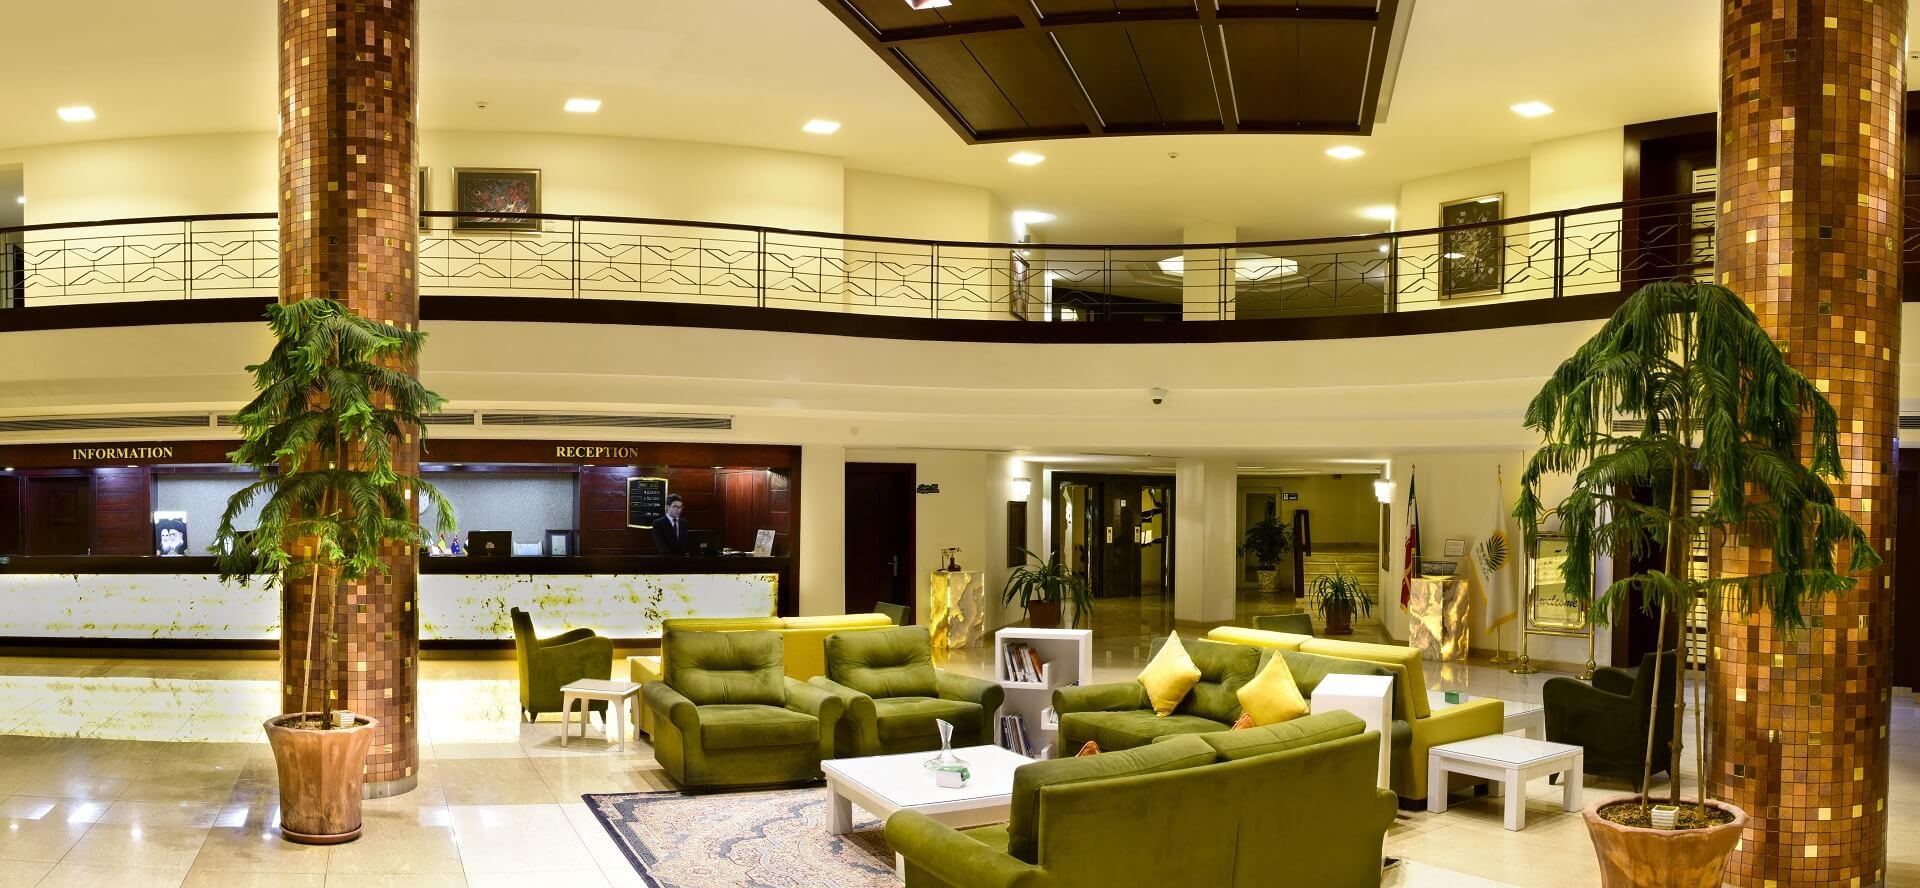 Arg a Jadid Hotel Empfangsbereich